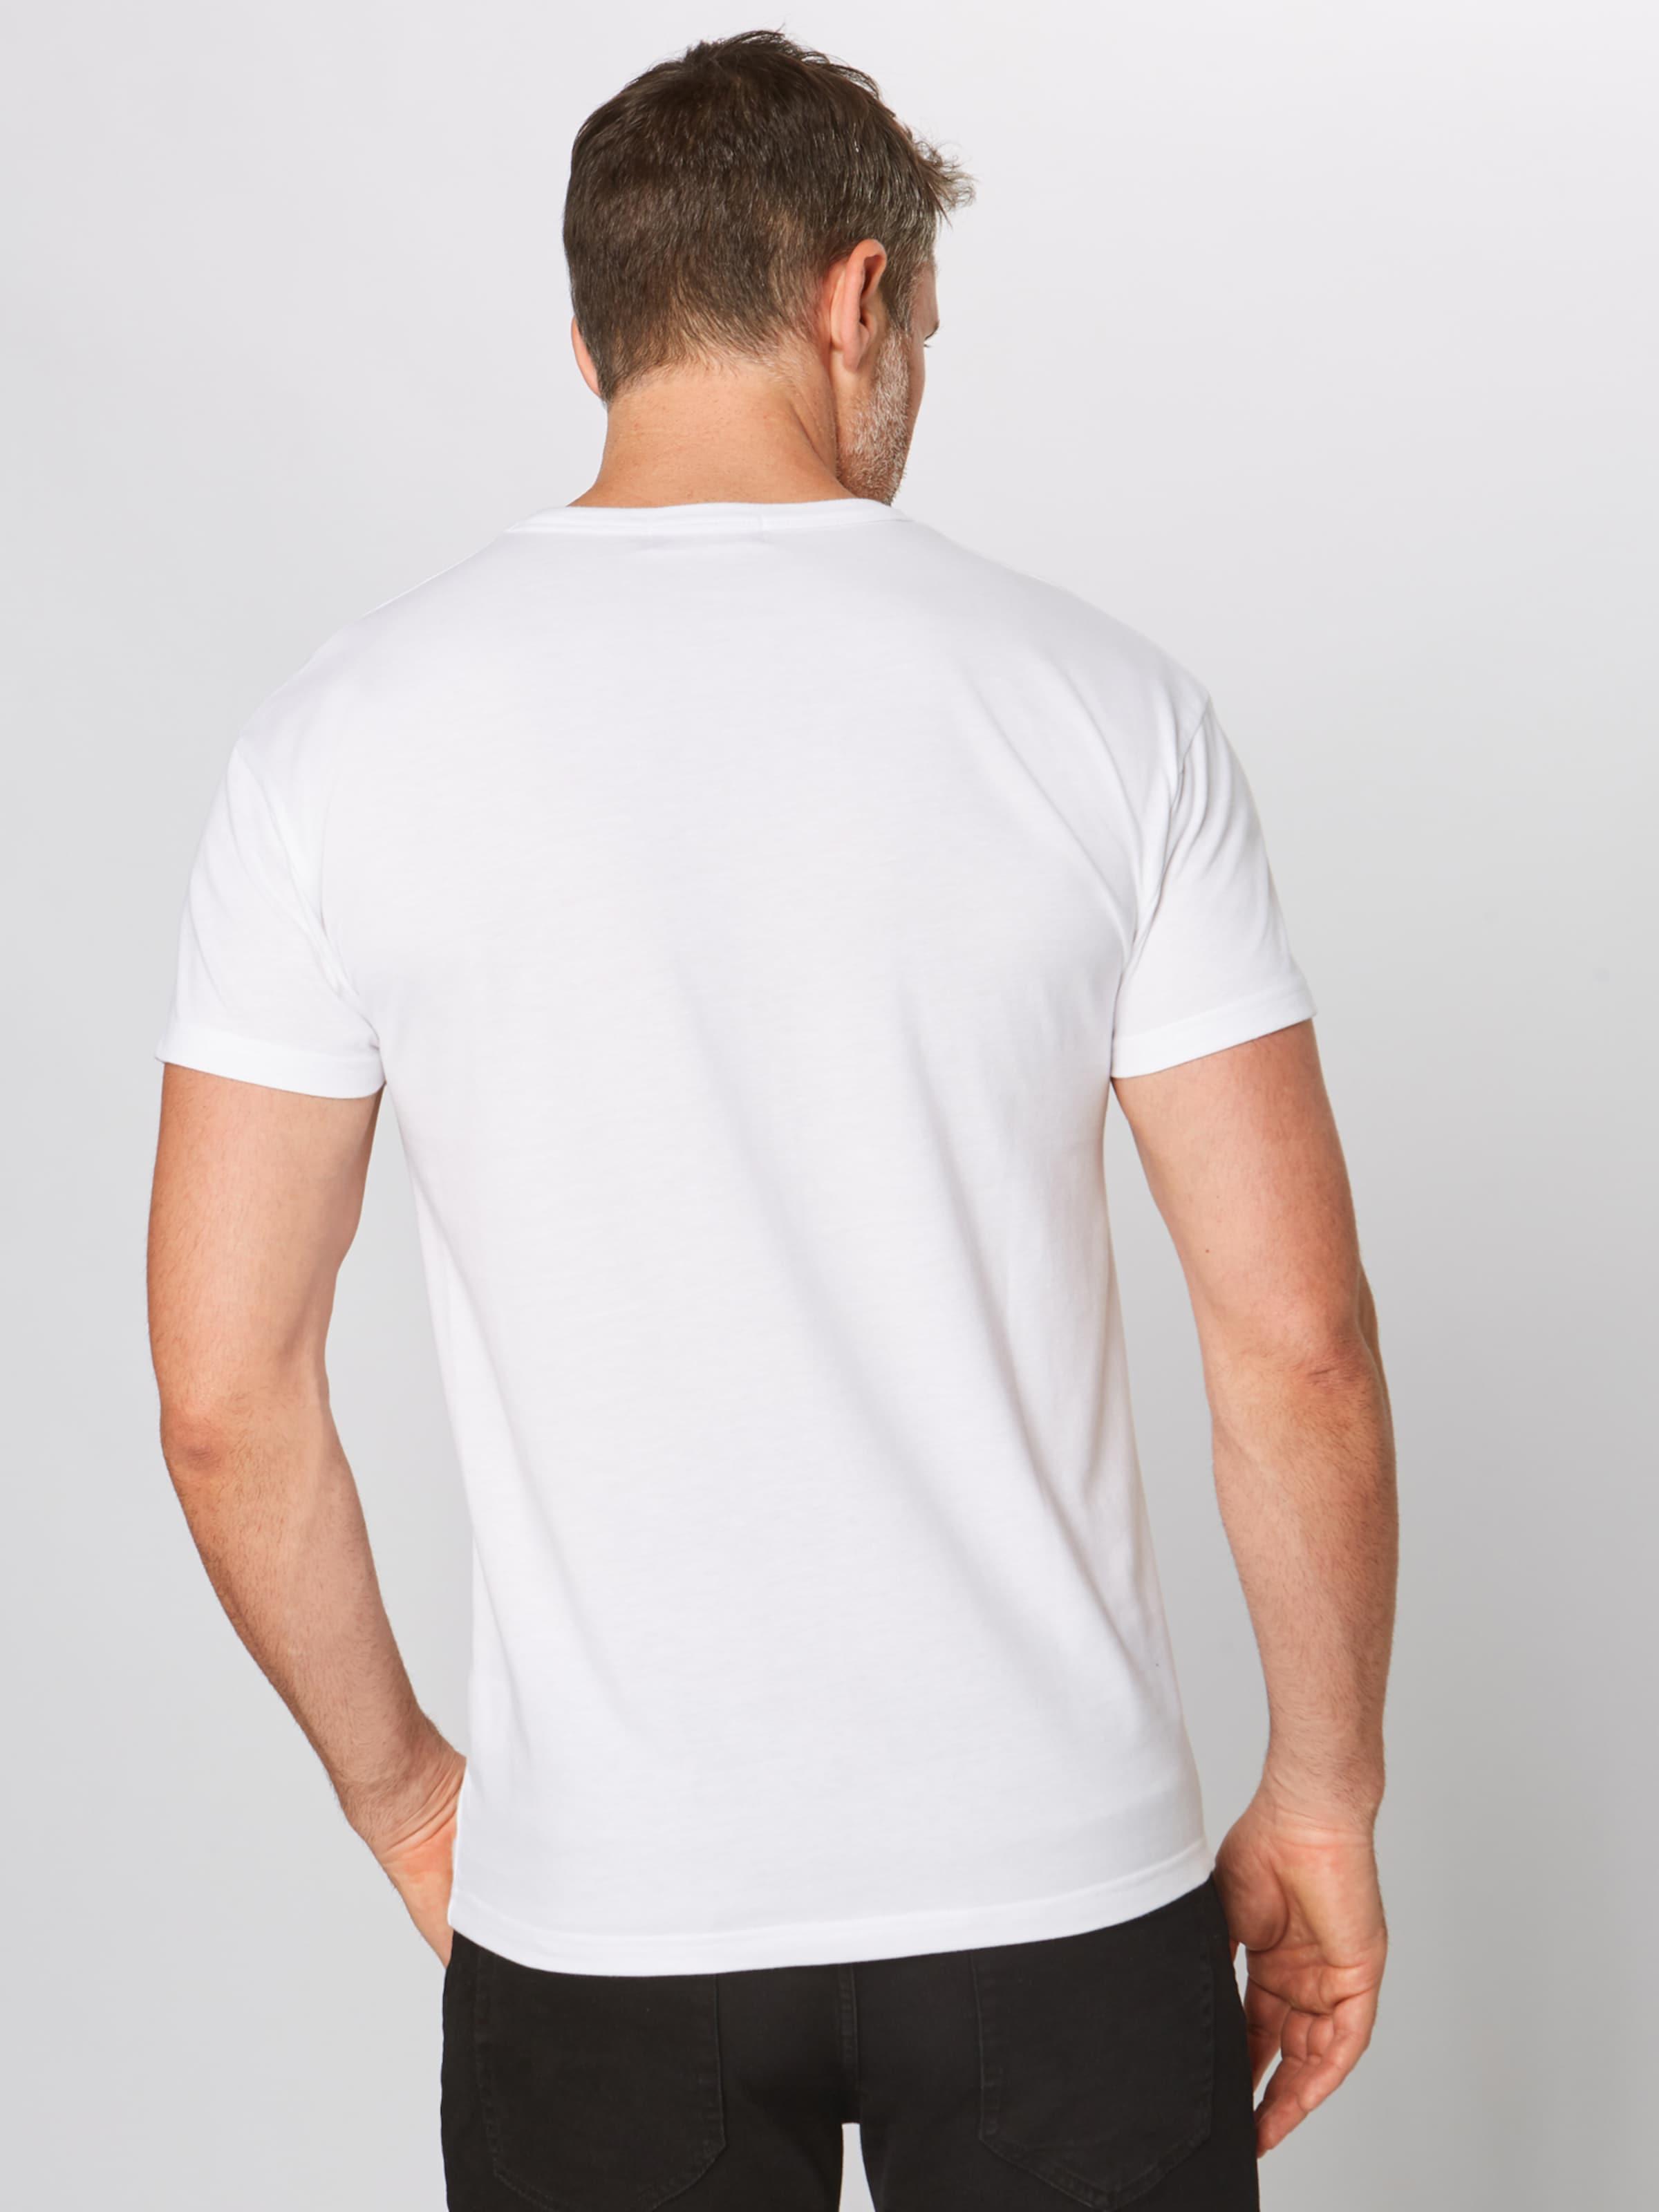 Blanc En Derbe T shirt 'player' FTJ3ulc1K